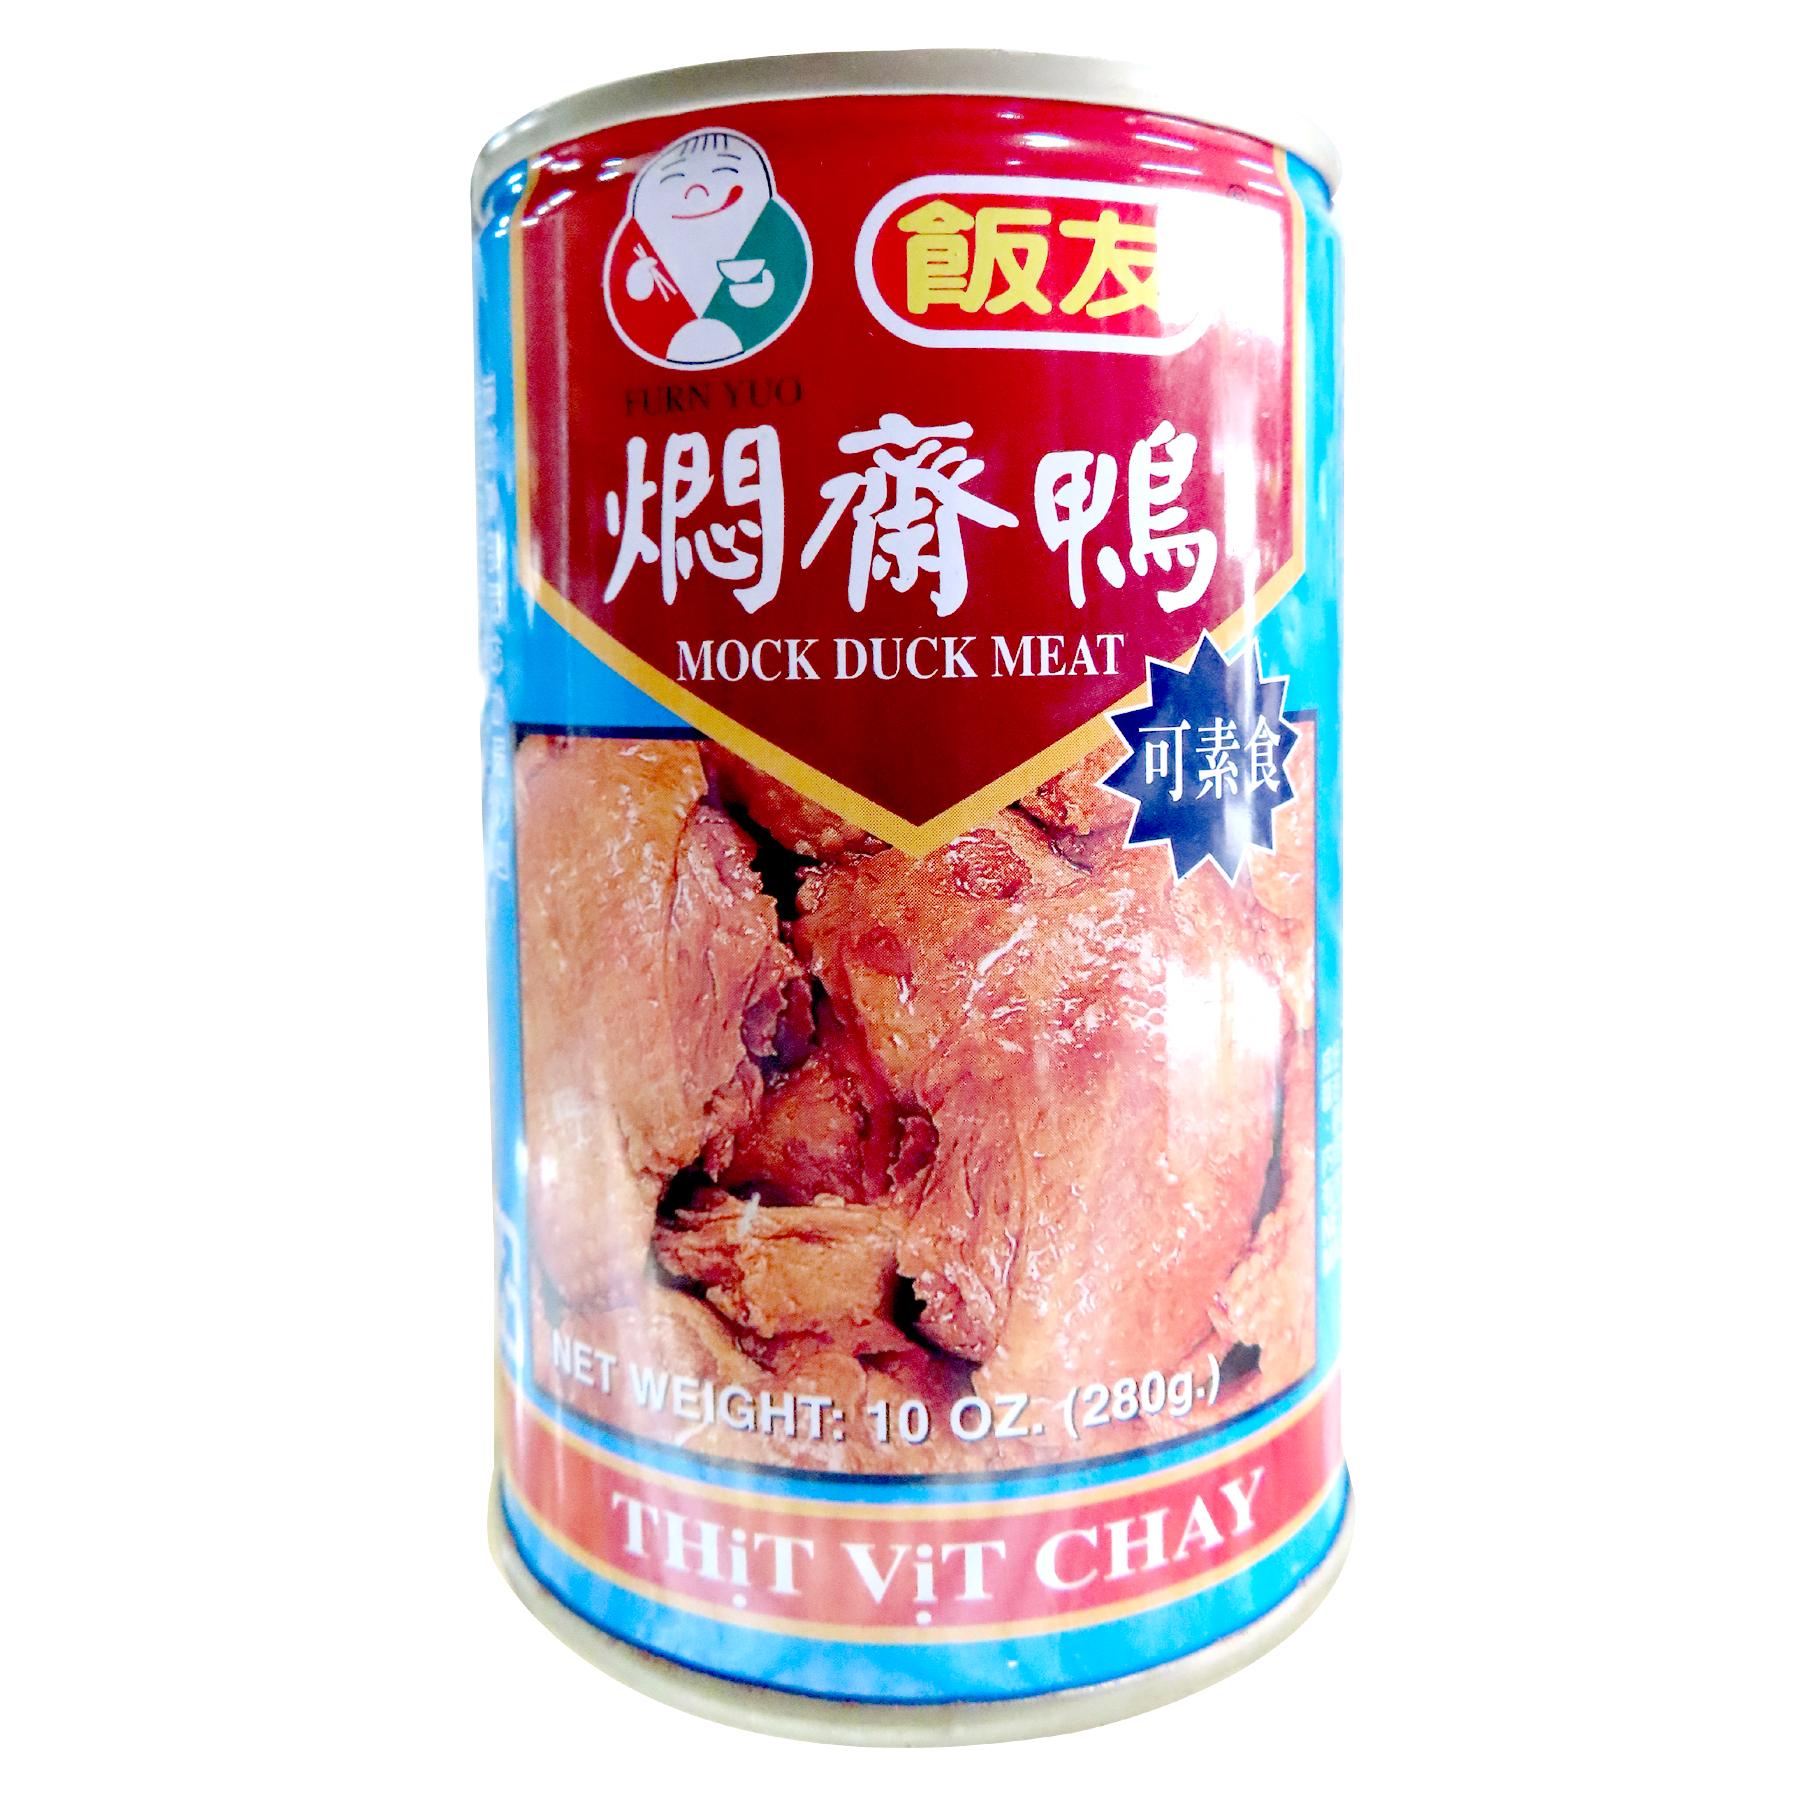 Image Mock duck meat can Ya Guan 饭友 - 焖斋鸭 280grams